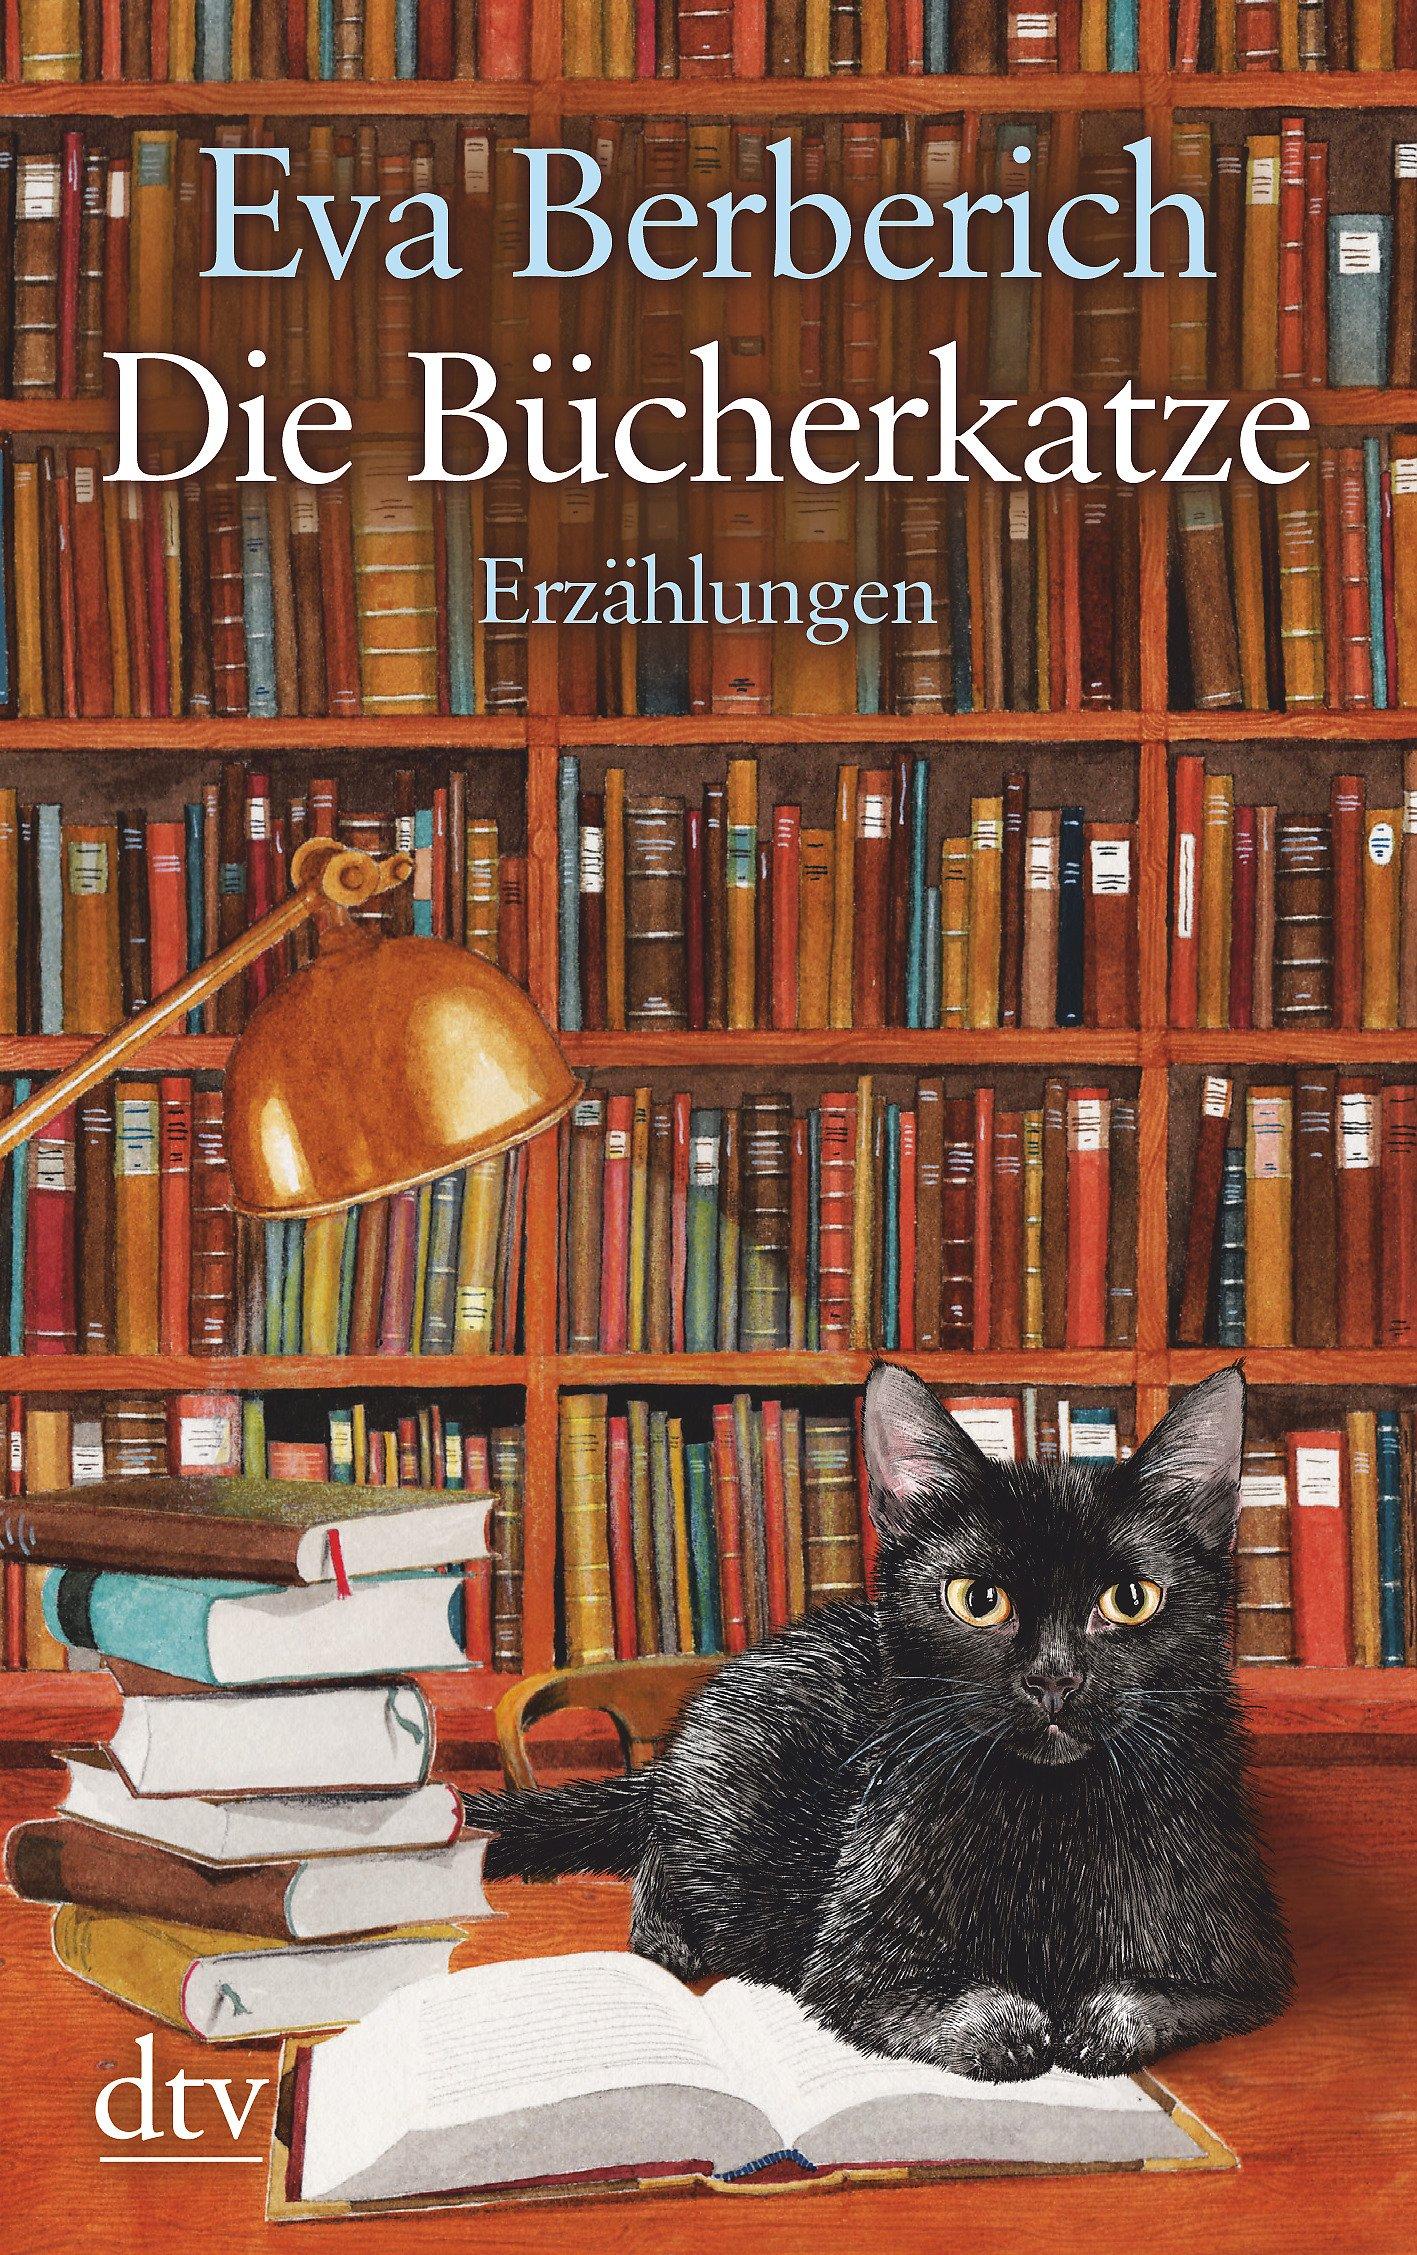 Die Bücherkatze: Erzählungen (dtv großdruck)